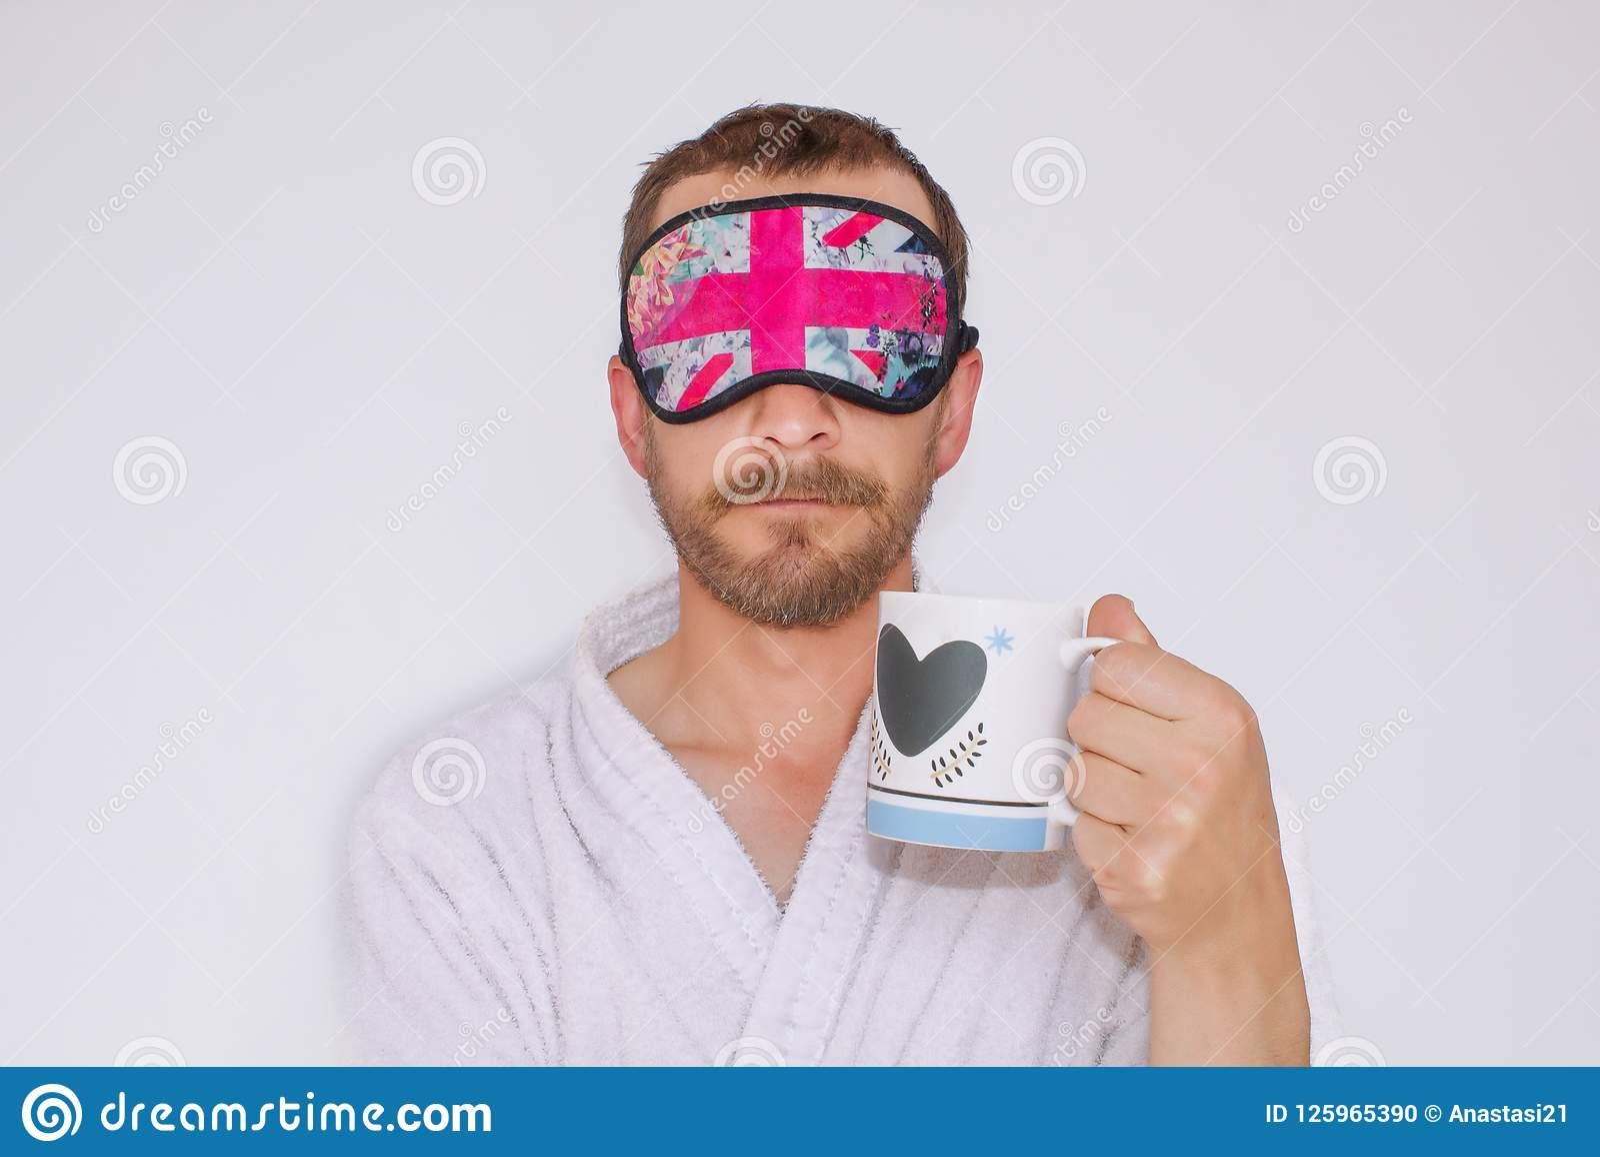 18a94bda09778 Un homme barbu dans une robe de chambre et un masque sur ses yeux, tenant